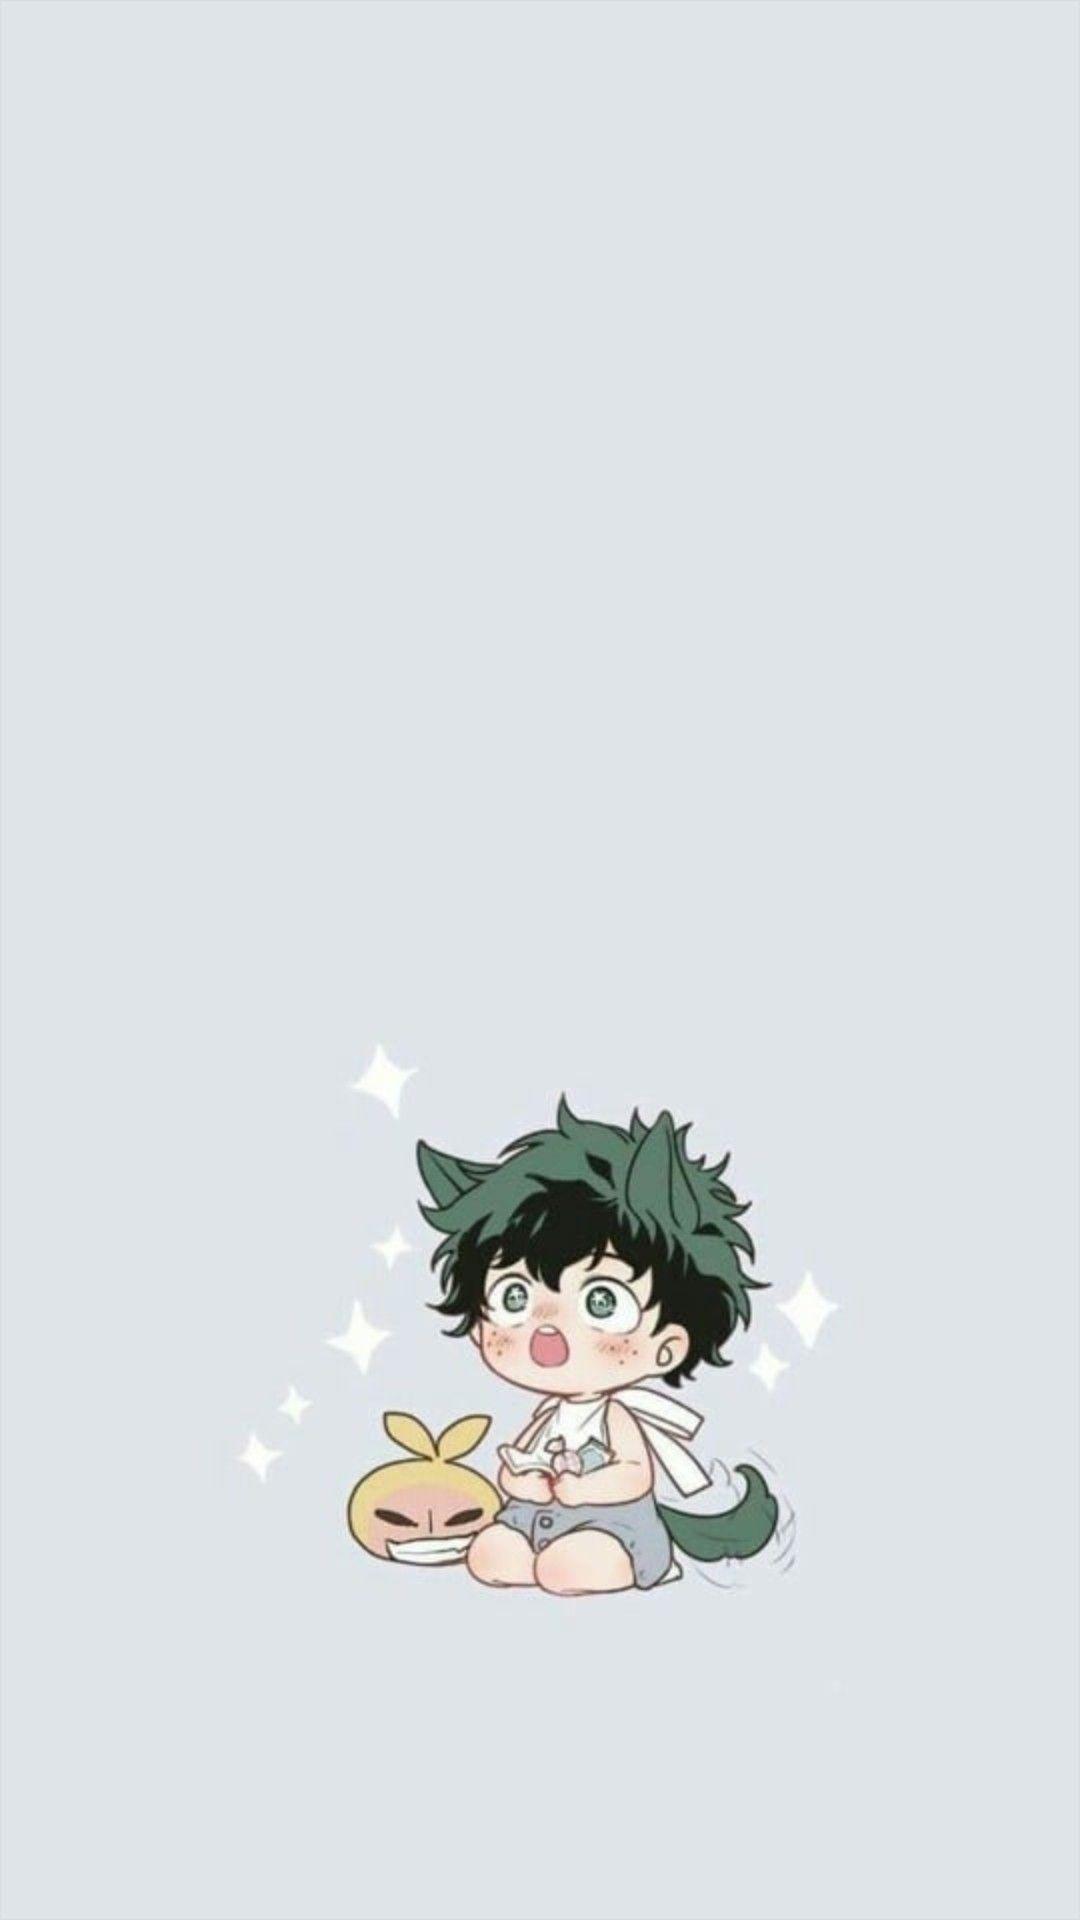 Pin by Wangxian on Mha Hero wallpaper, Anime wallpaper